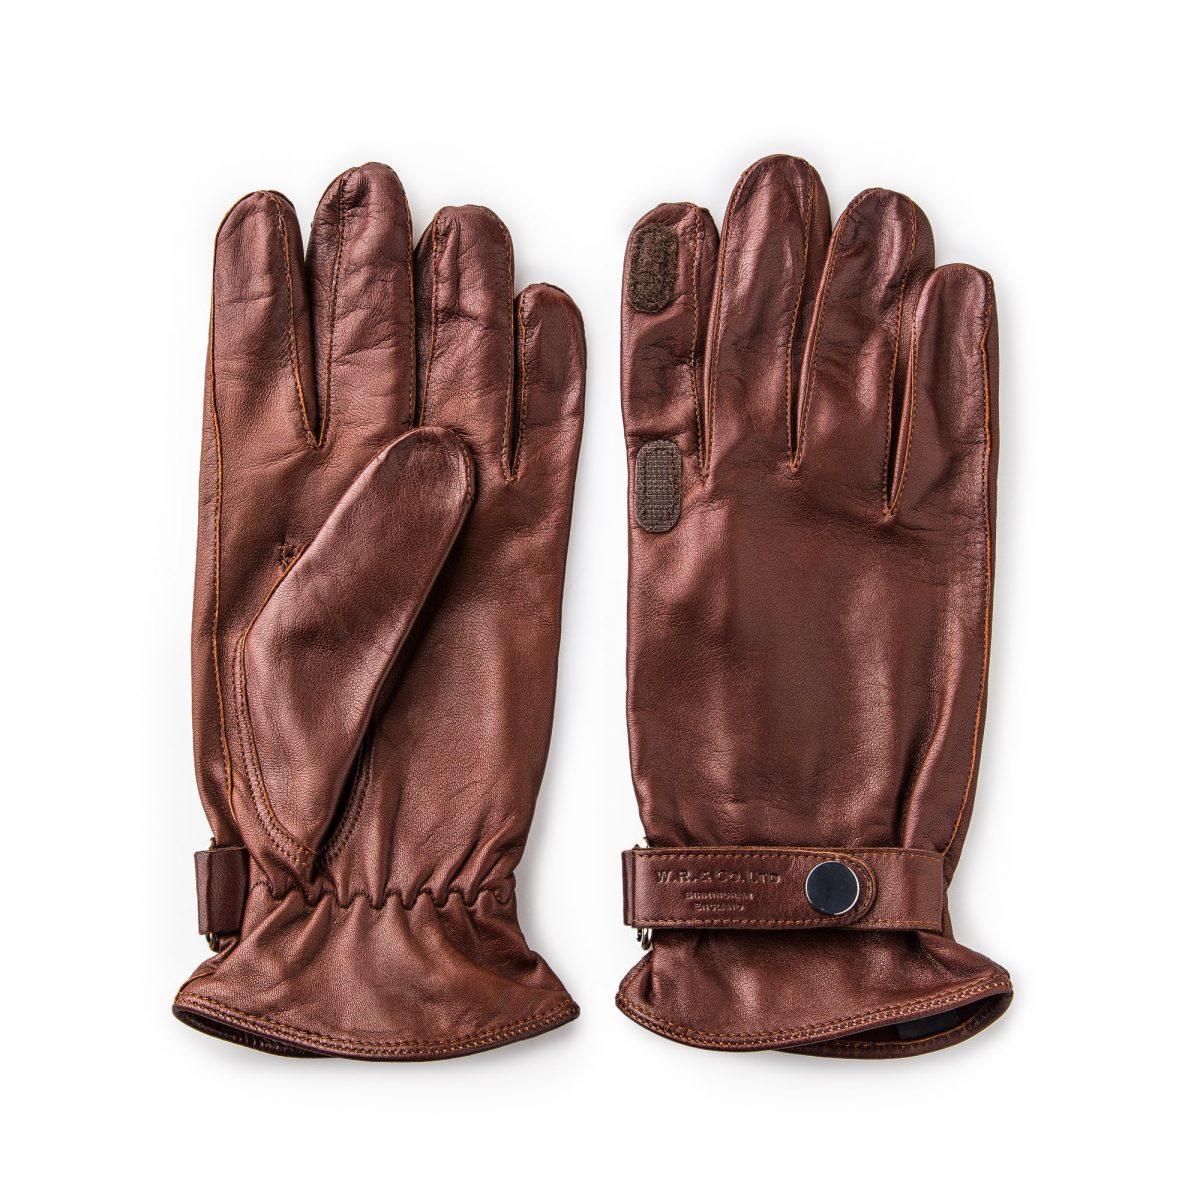 wr_co_gloves-14978-edit_1